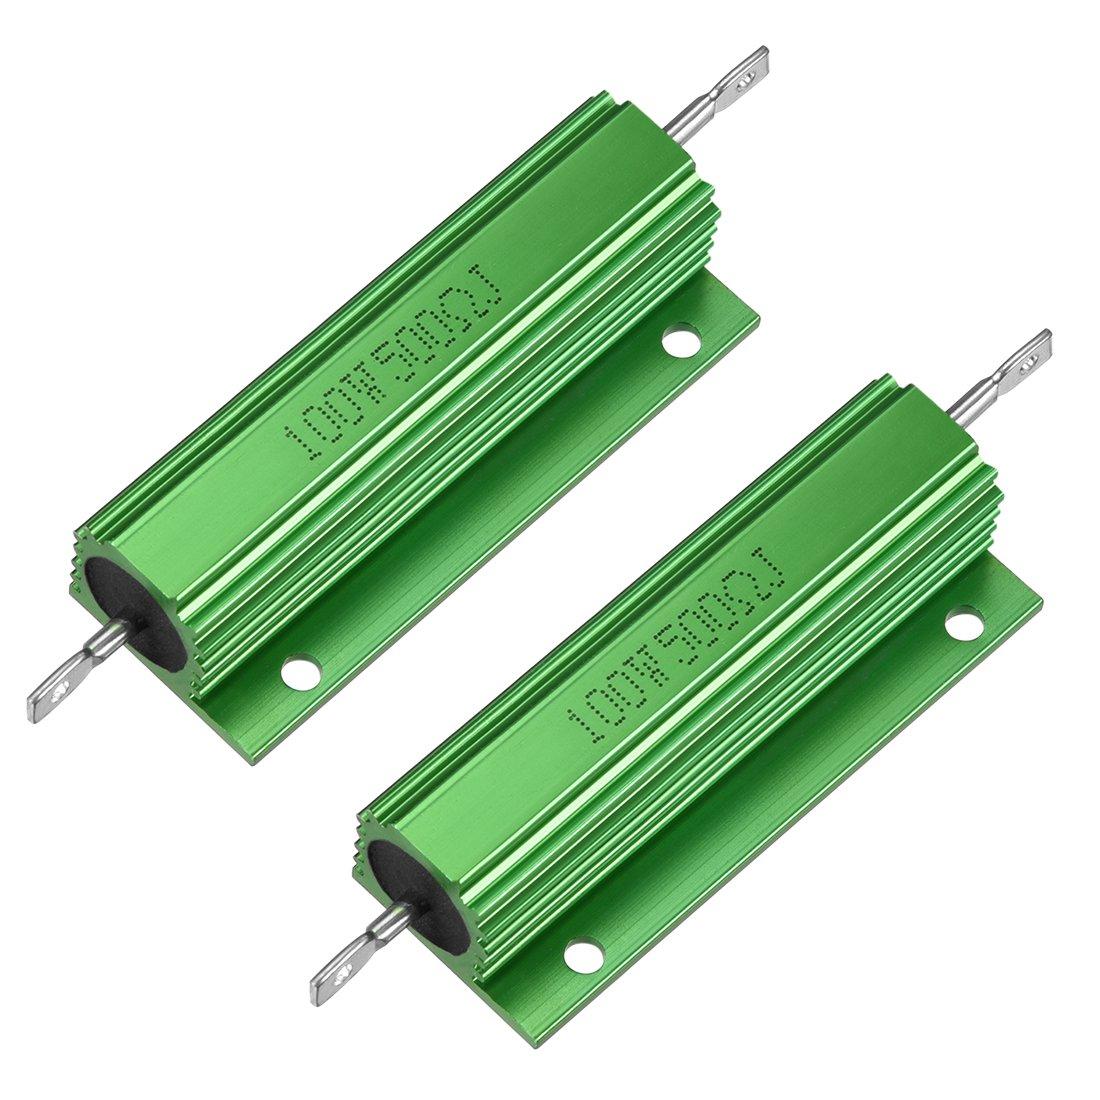 500 Ohm 2 resistencias de carcasa de aluminio de 100 W 500 RJ para convertidor de repuesto LED 100 W uxcell color verde